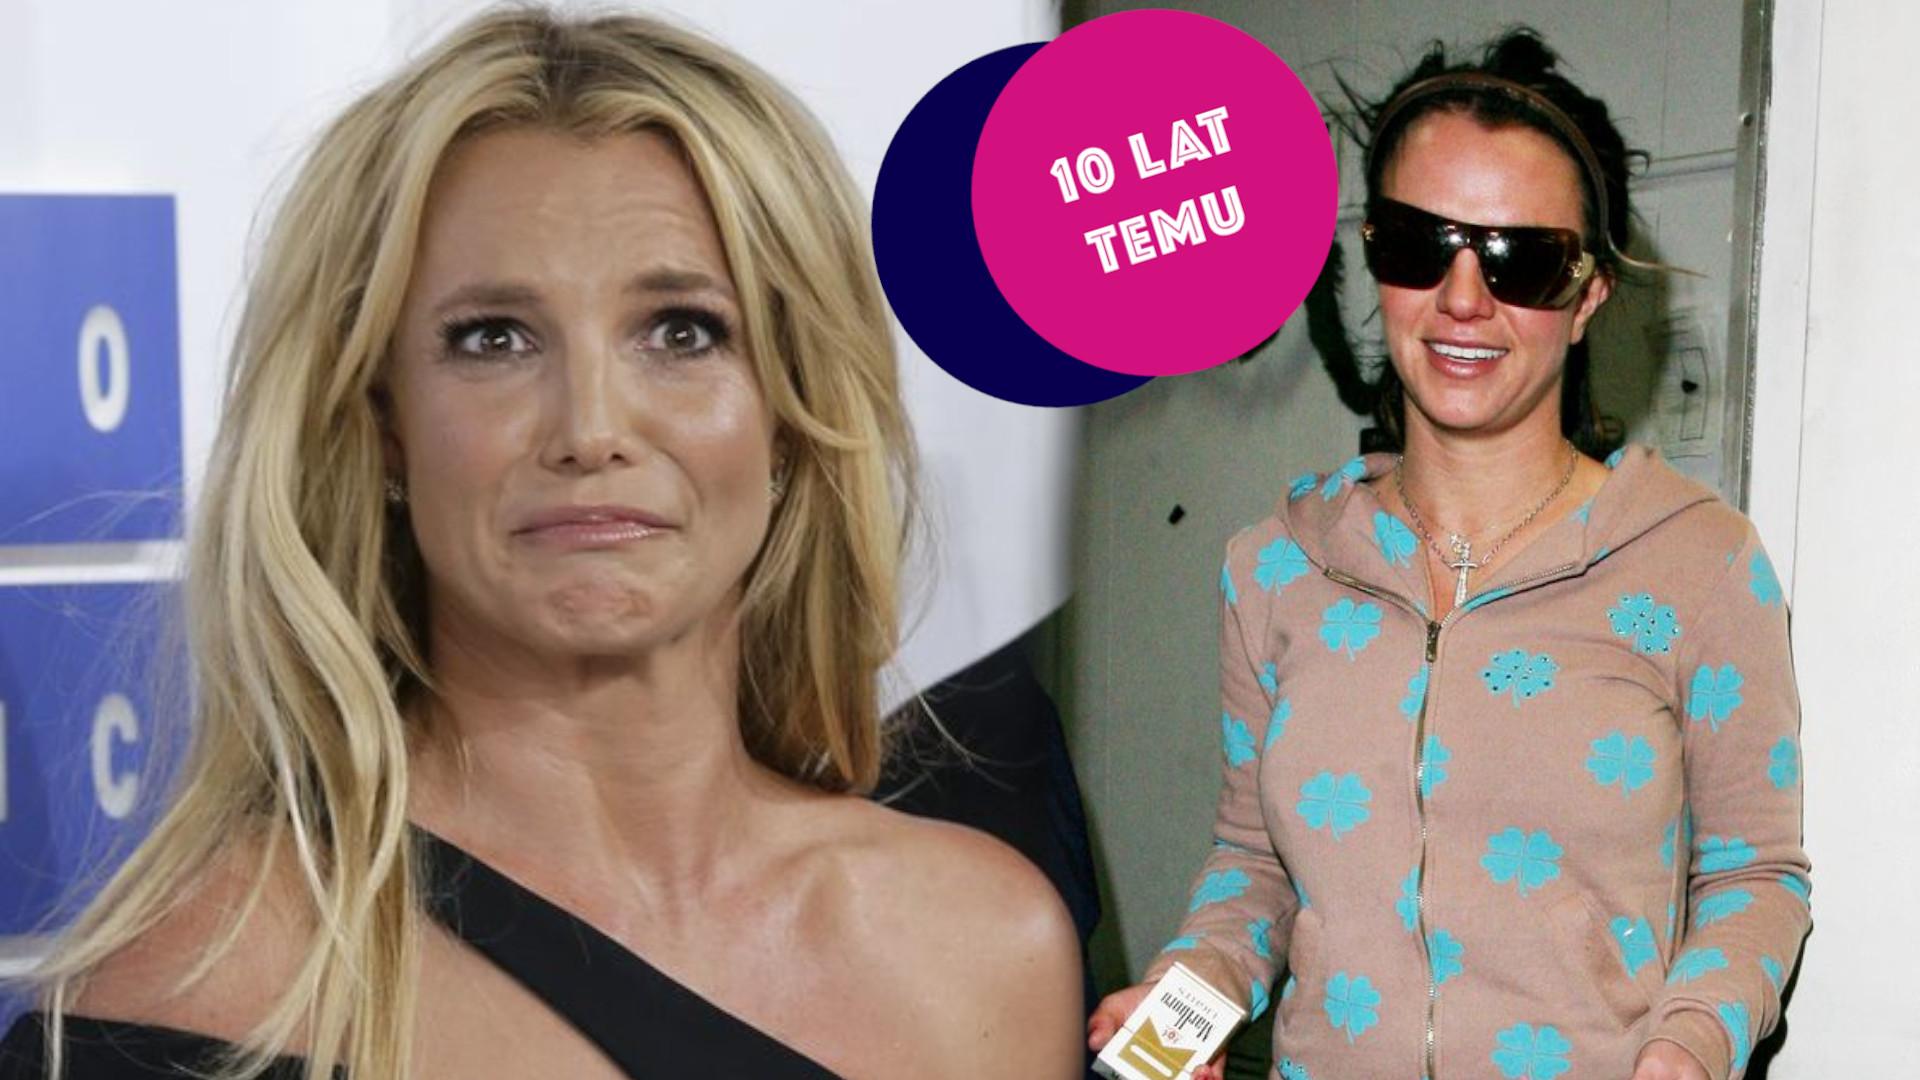 Bulimia i załamanie nerwowe Britney Spears (NASZ CYKL: 10 lat temu)